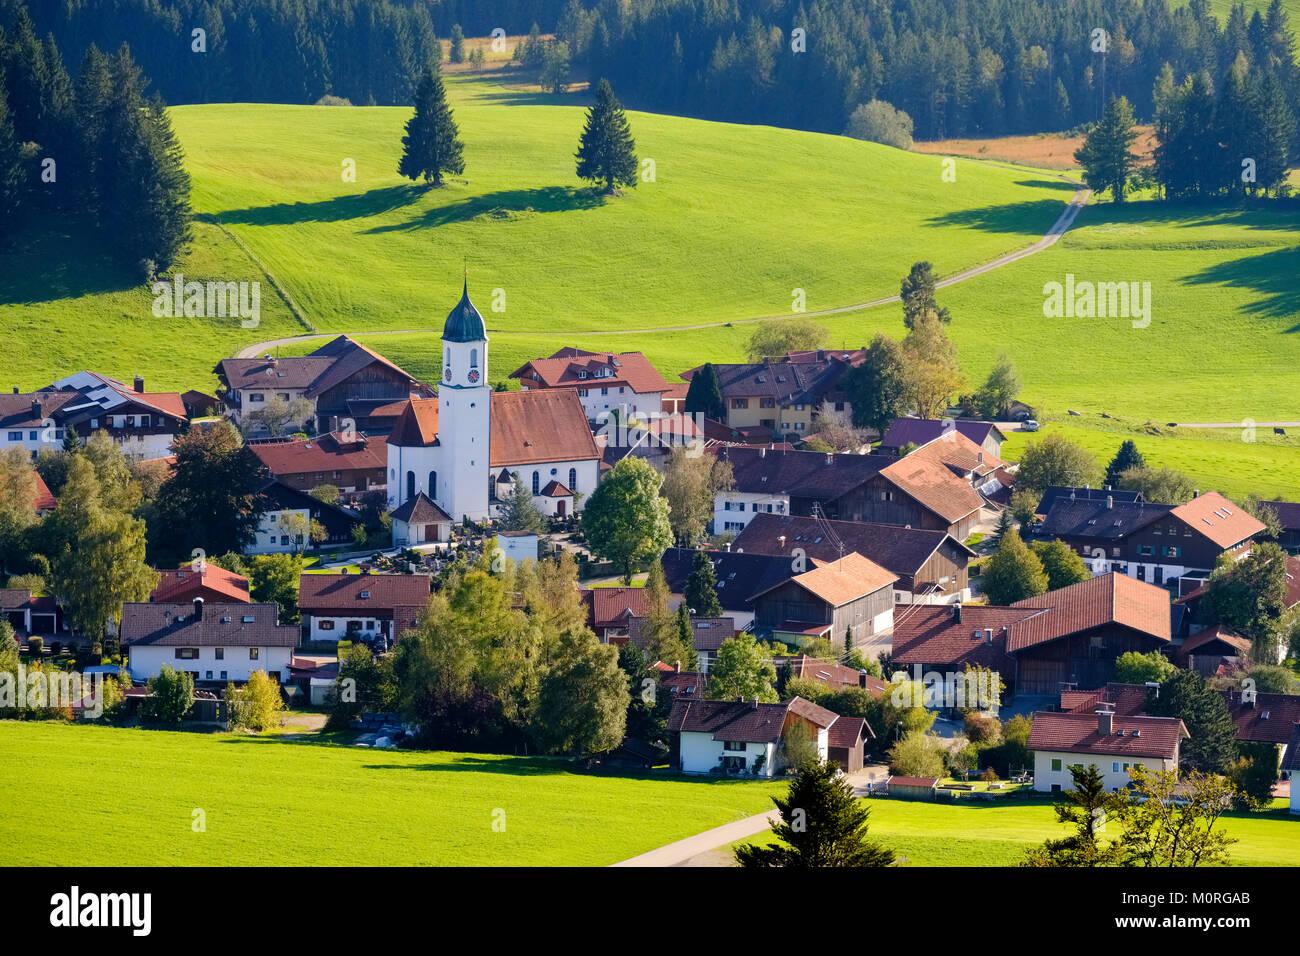 Dorf Zell, bei Eisenberg, Ostallgäu, Allgäu, Schwaben, Bayern, Deutschland - Stock Image